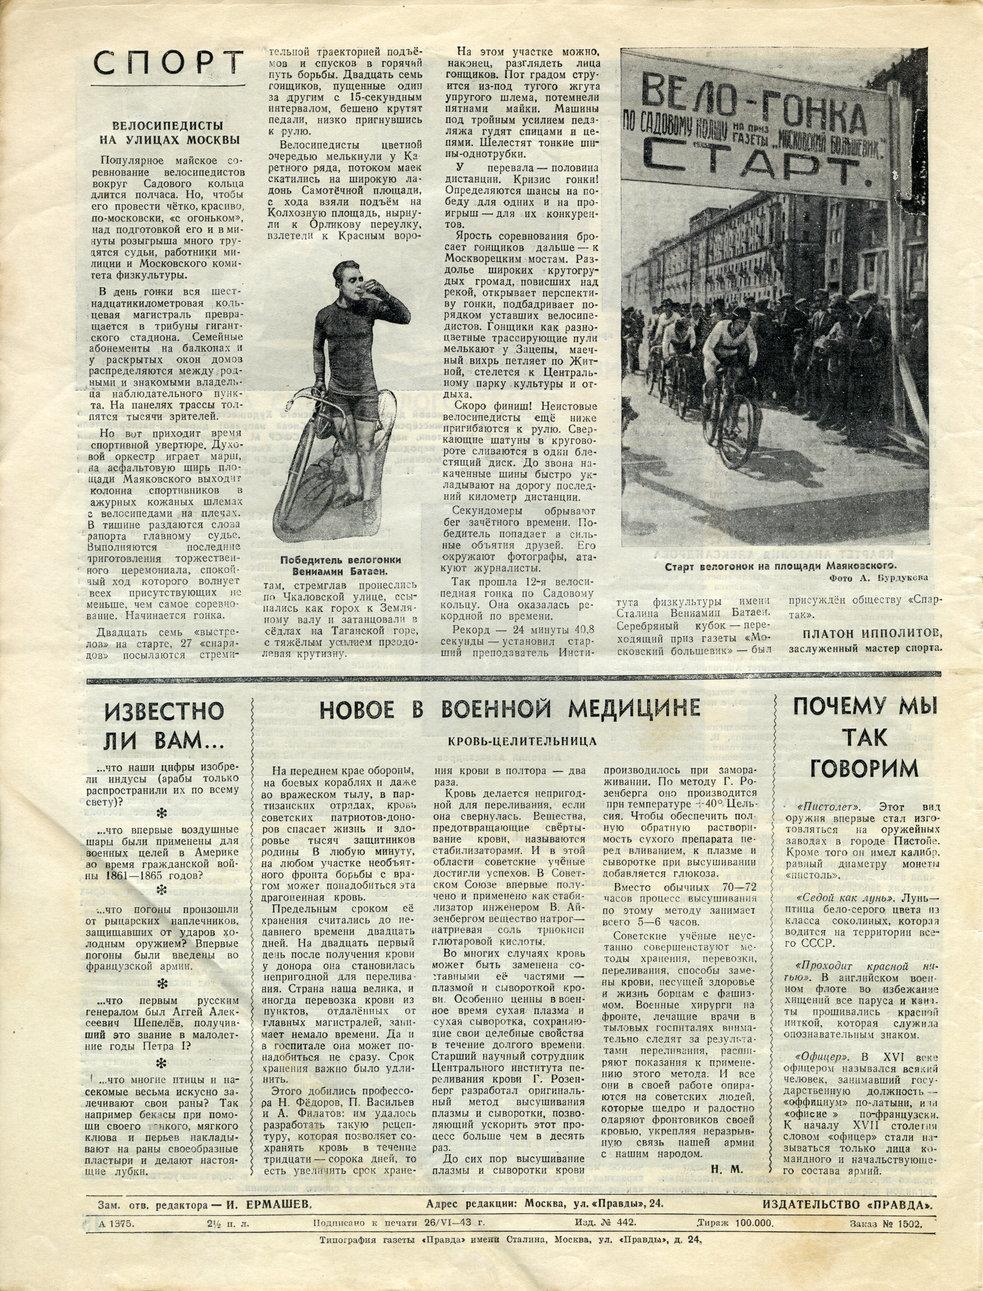 Огонёк 1943 20 июня 005